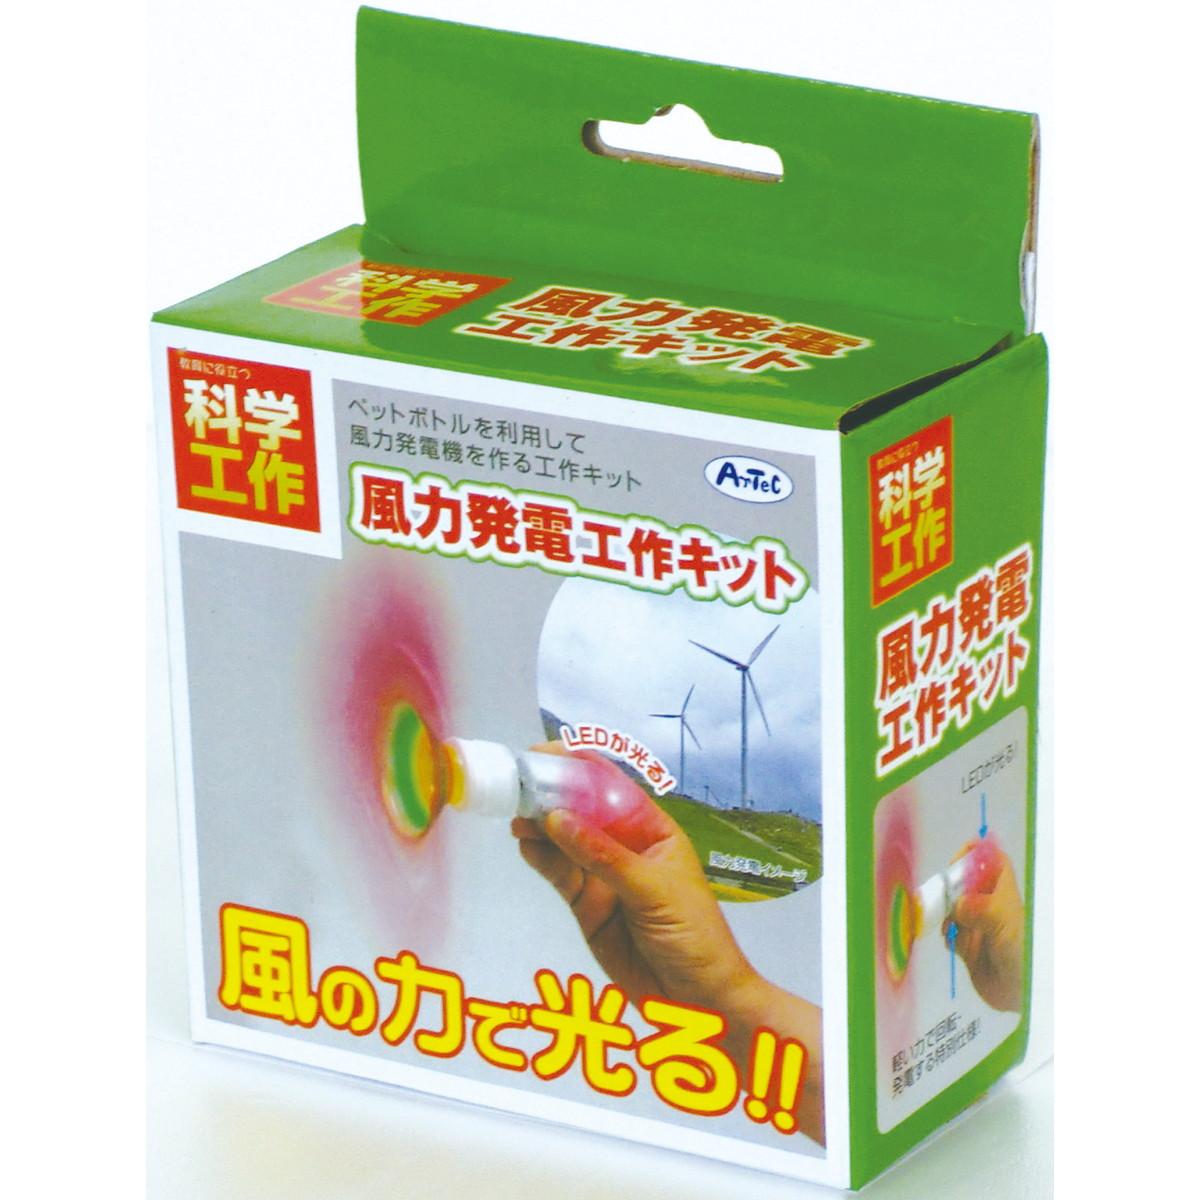 Artec 格安店 アーテック 本日限定 風力発電工作キット #8974